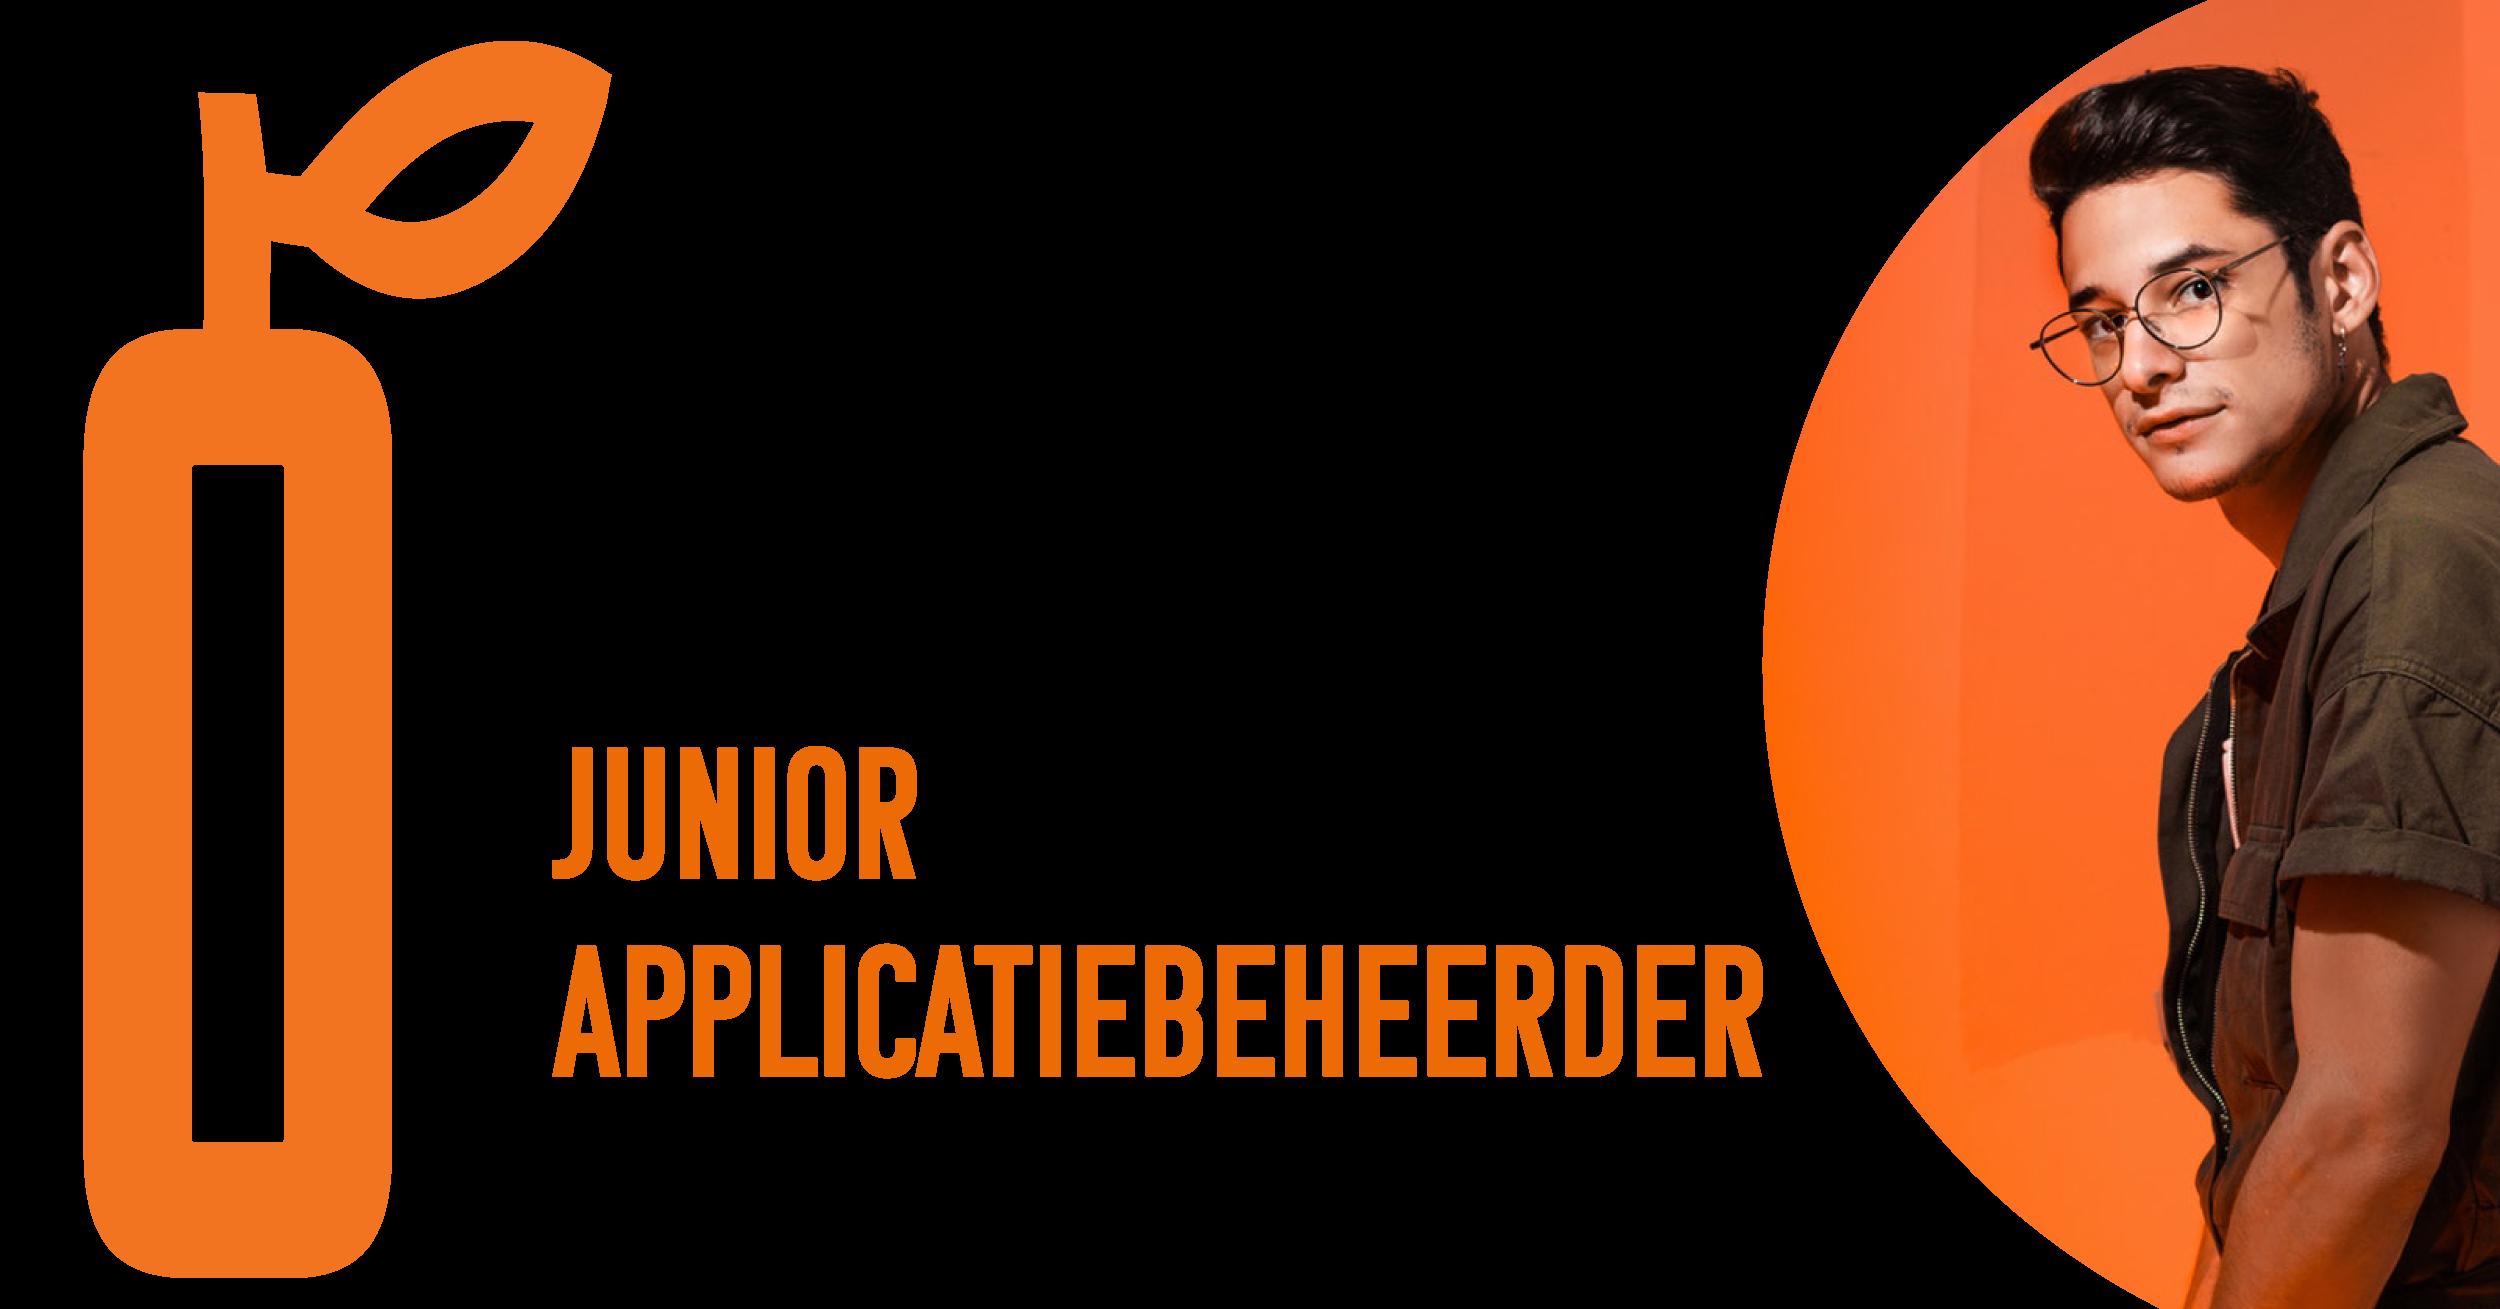 Junior Applicatiebeheerder